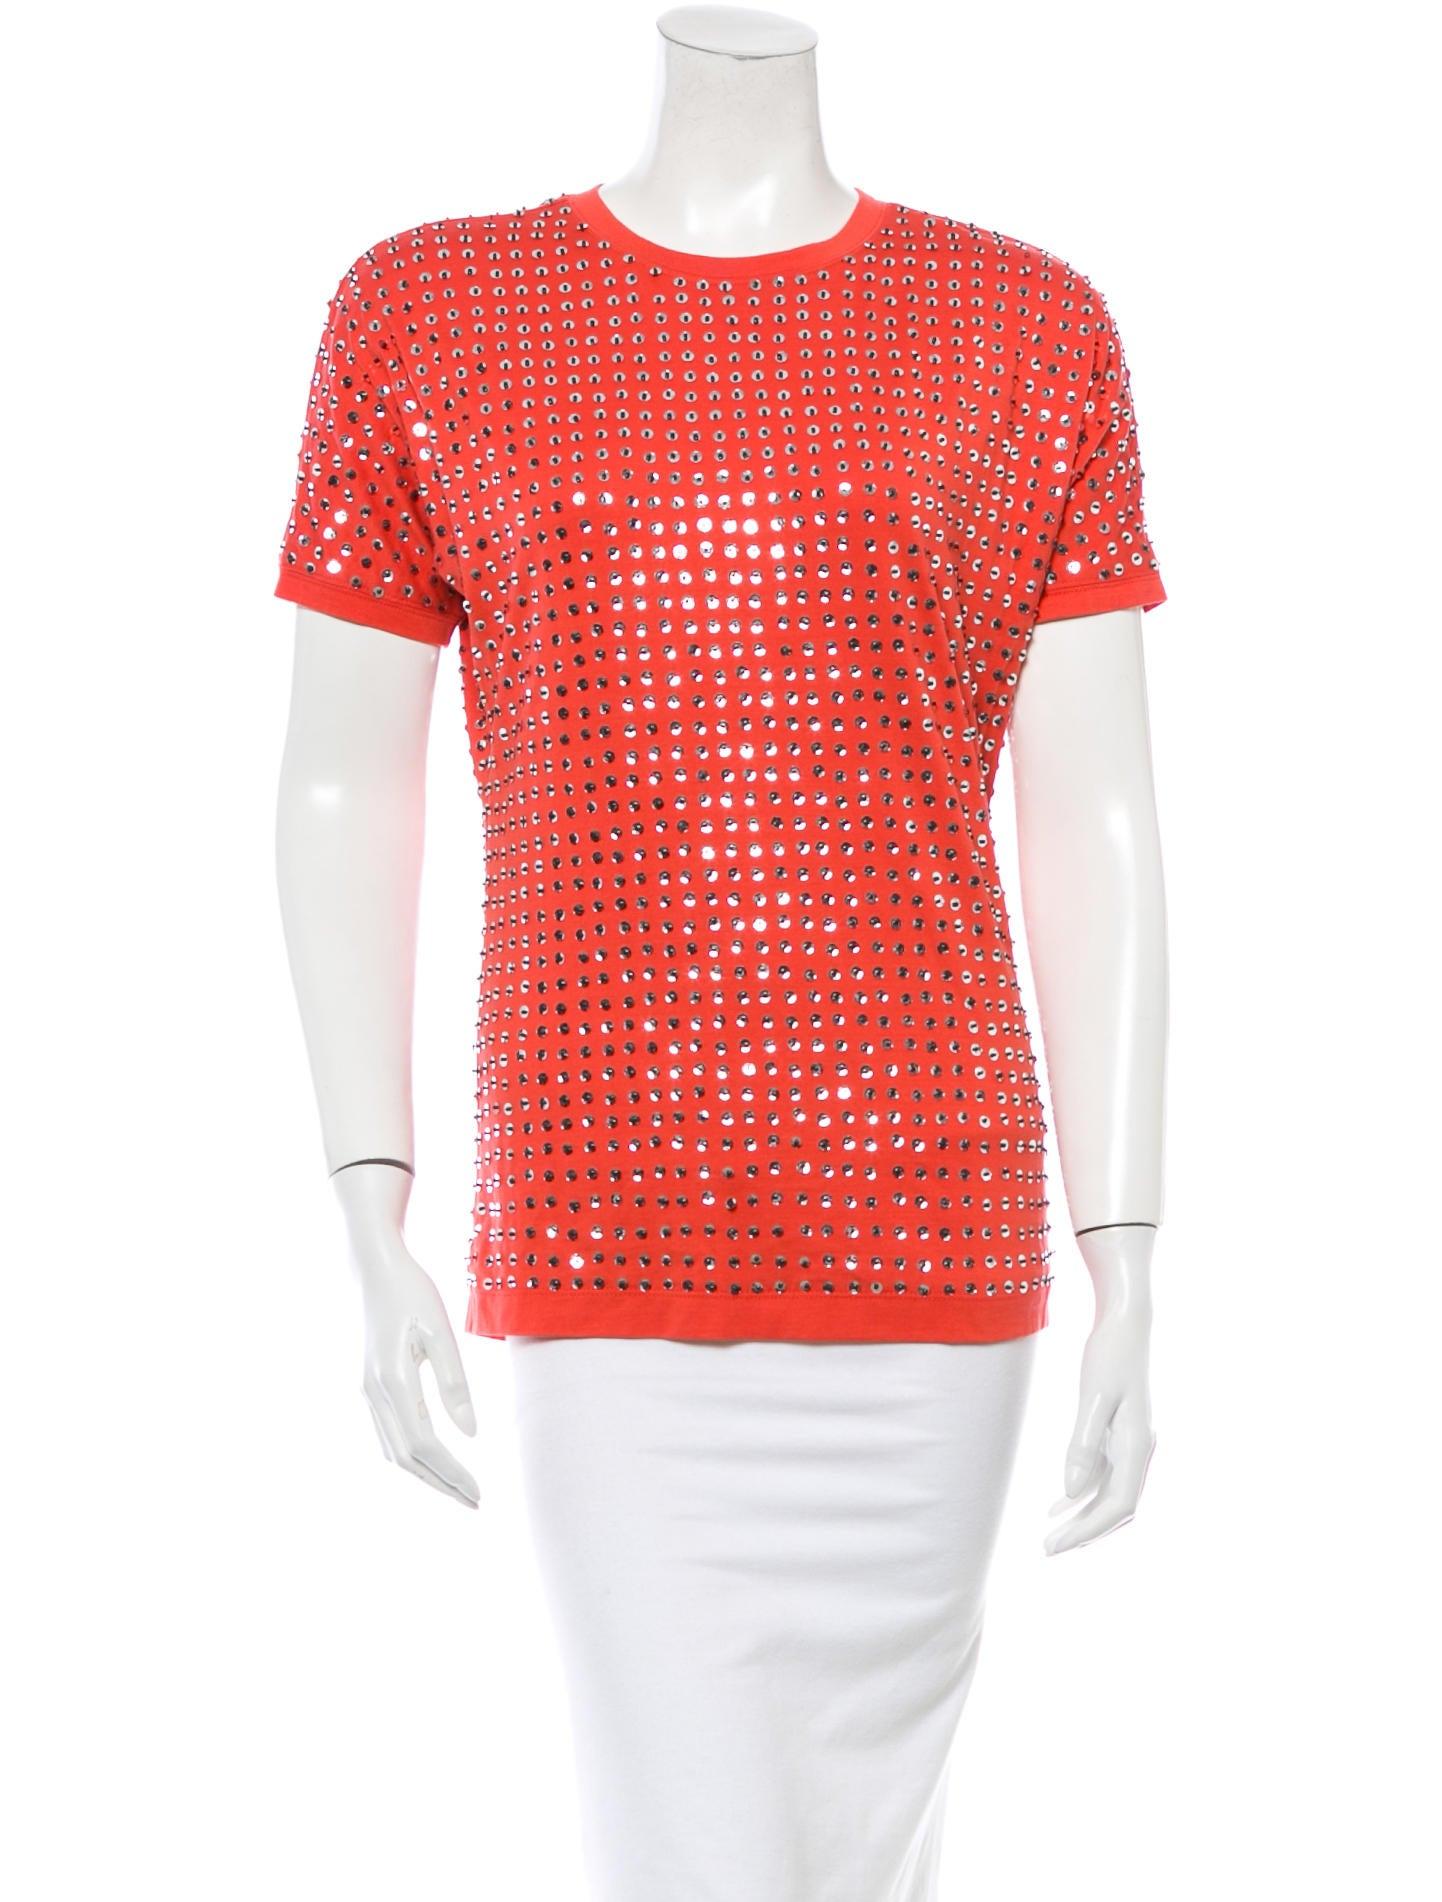 Diane von furstenberg t shirt clothing wdi50381 the for Diane von furstenberg shirt